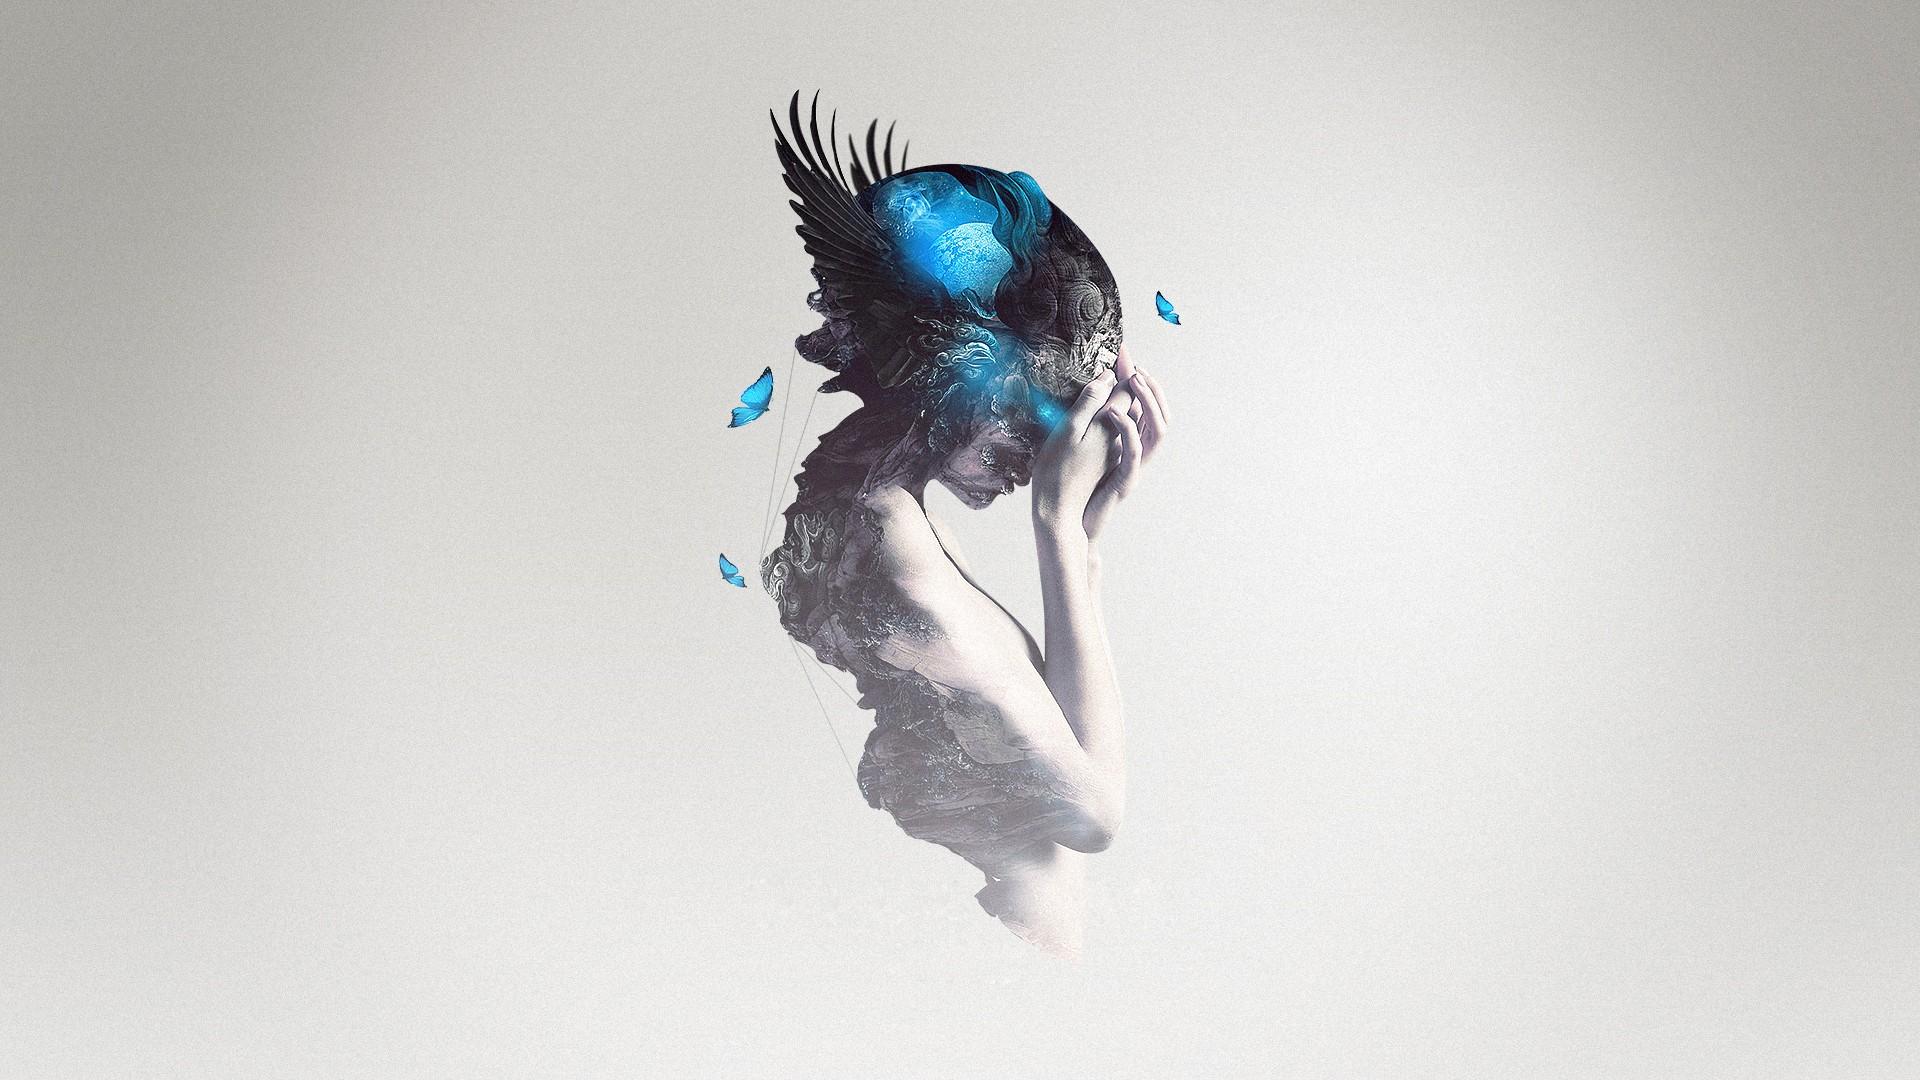 General 1920x1080 blue women fantasy girl simple background digital art butterfly